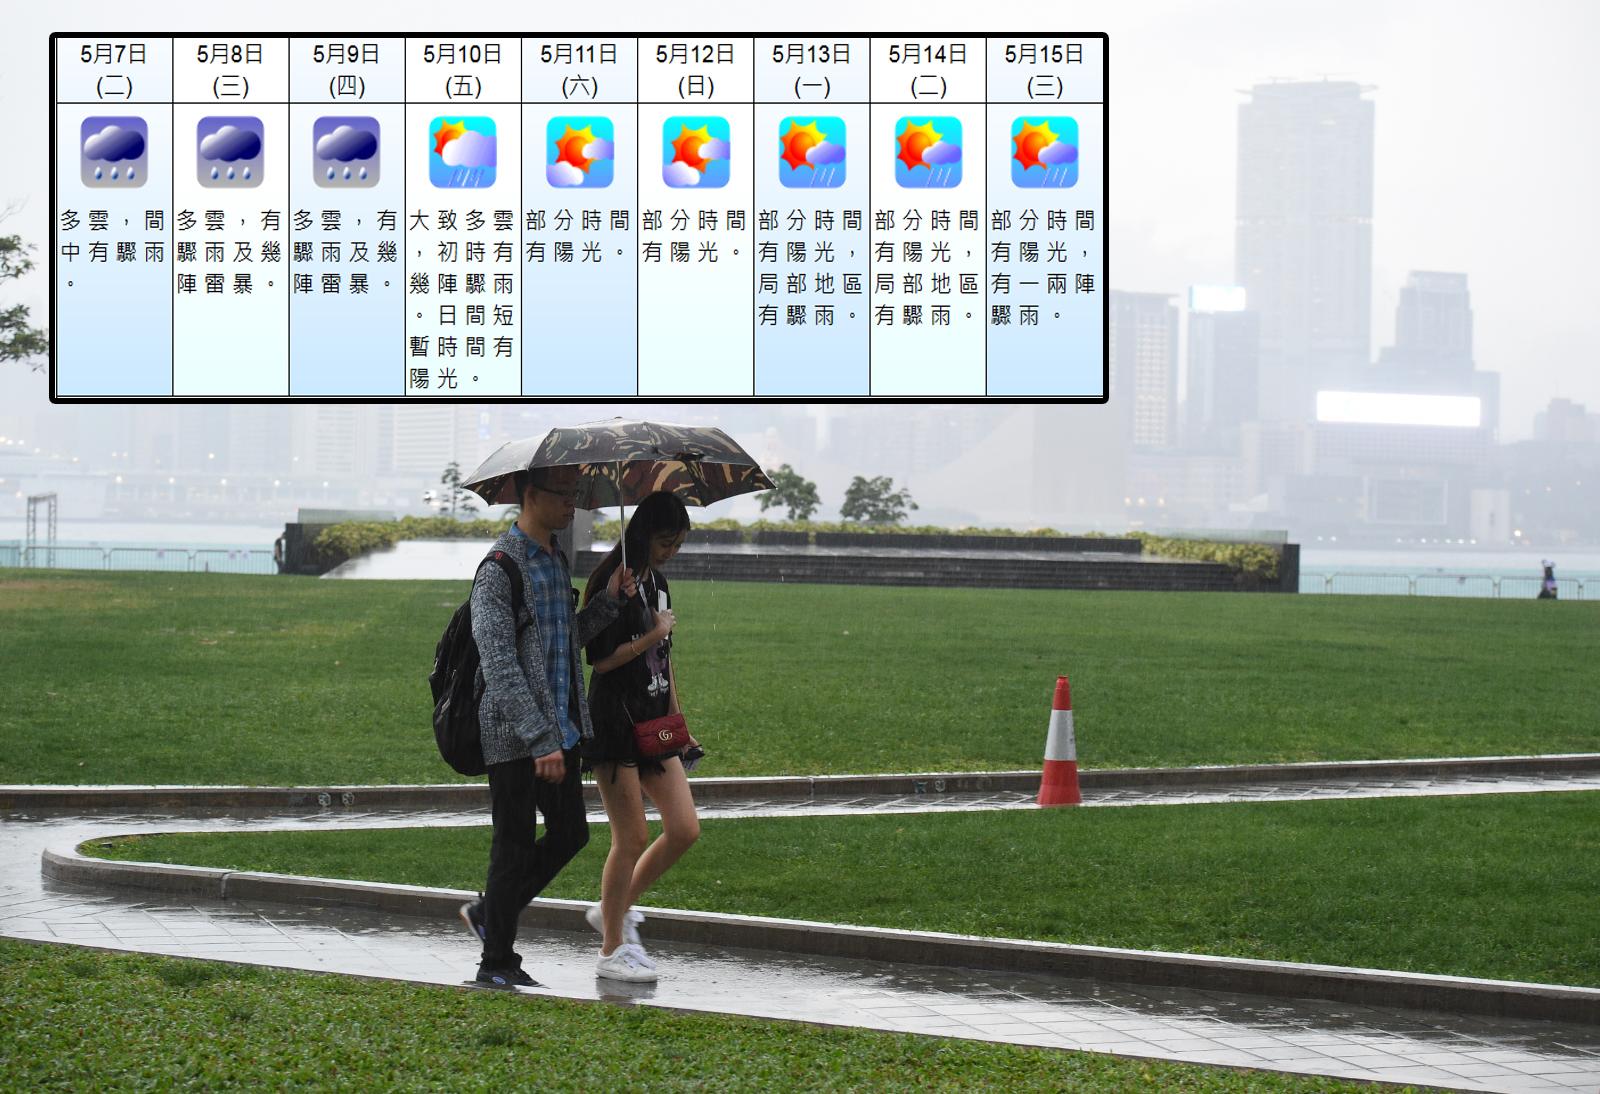 一道低壓槽會在未來兩三天於南海北部徘徊,廣東沿岸間中有雷雨。 資料圖片及天文台網頁截圖